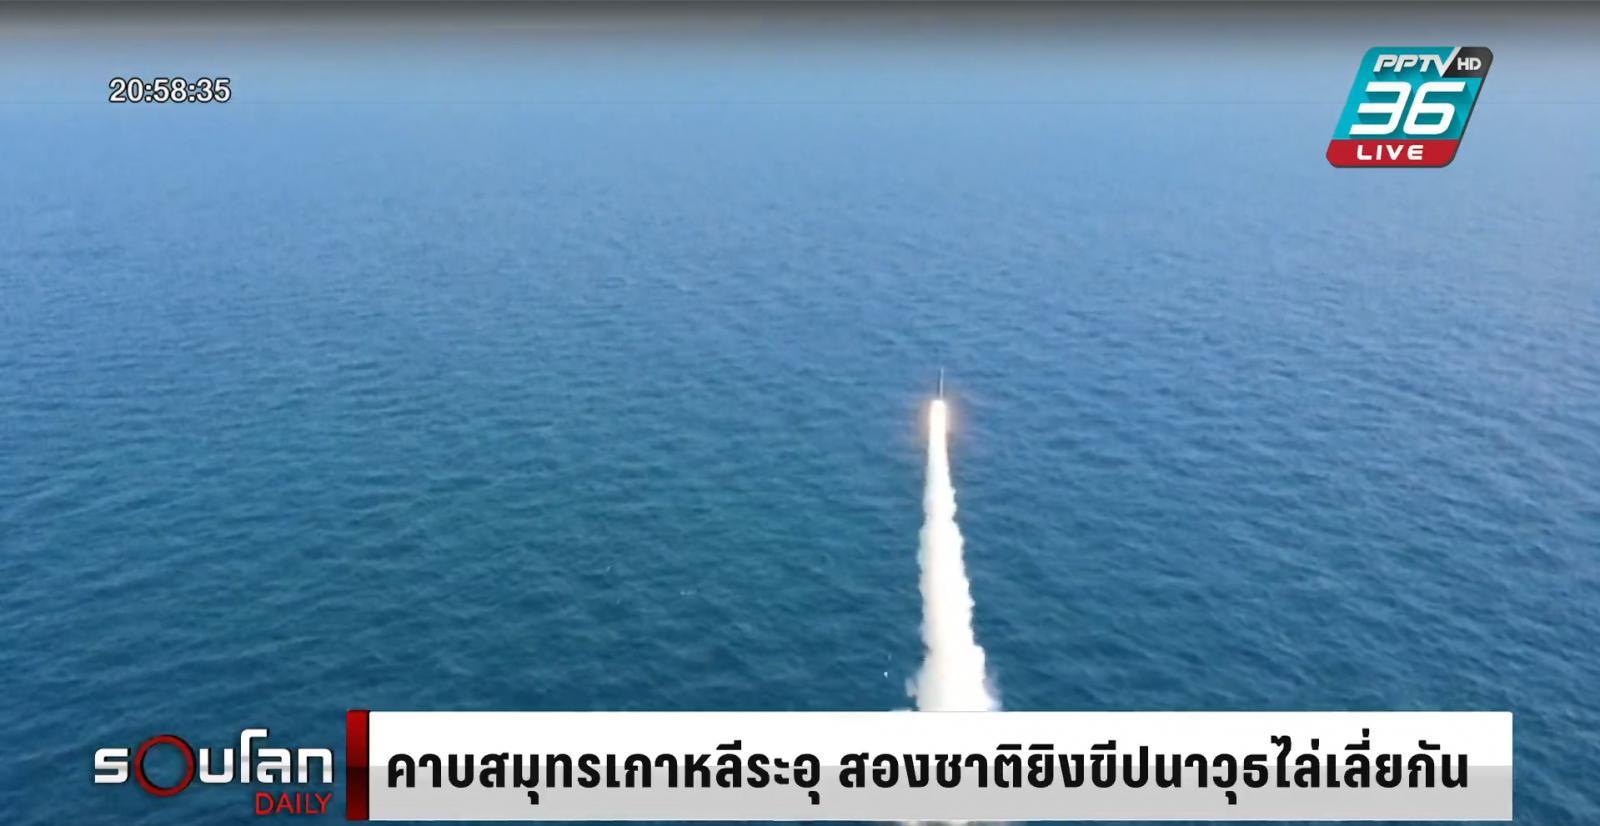 จีน ประณาม สหรัฐฯ-อังกฤษ-ออสเตรเลีย ร่วมสร้างเรือดำน้ำนิวเคลียร์ ชี้นำโลกกลับสงครามเย็น